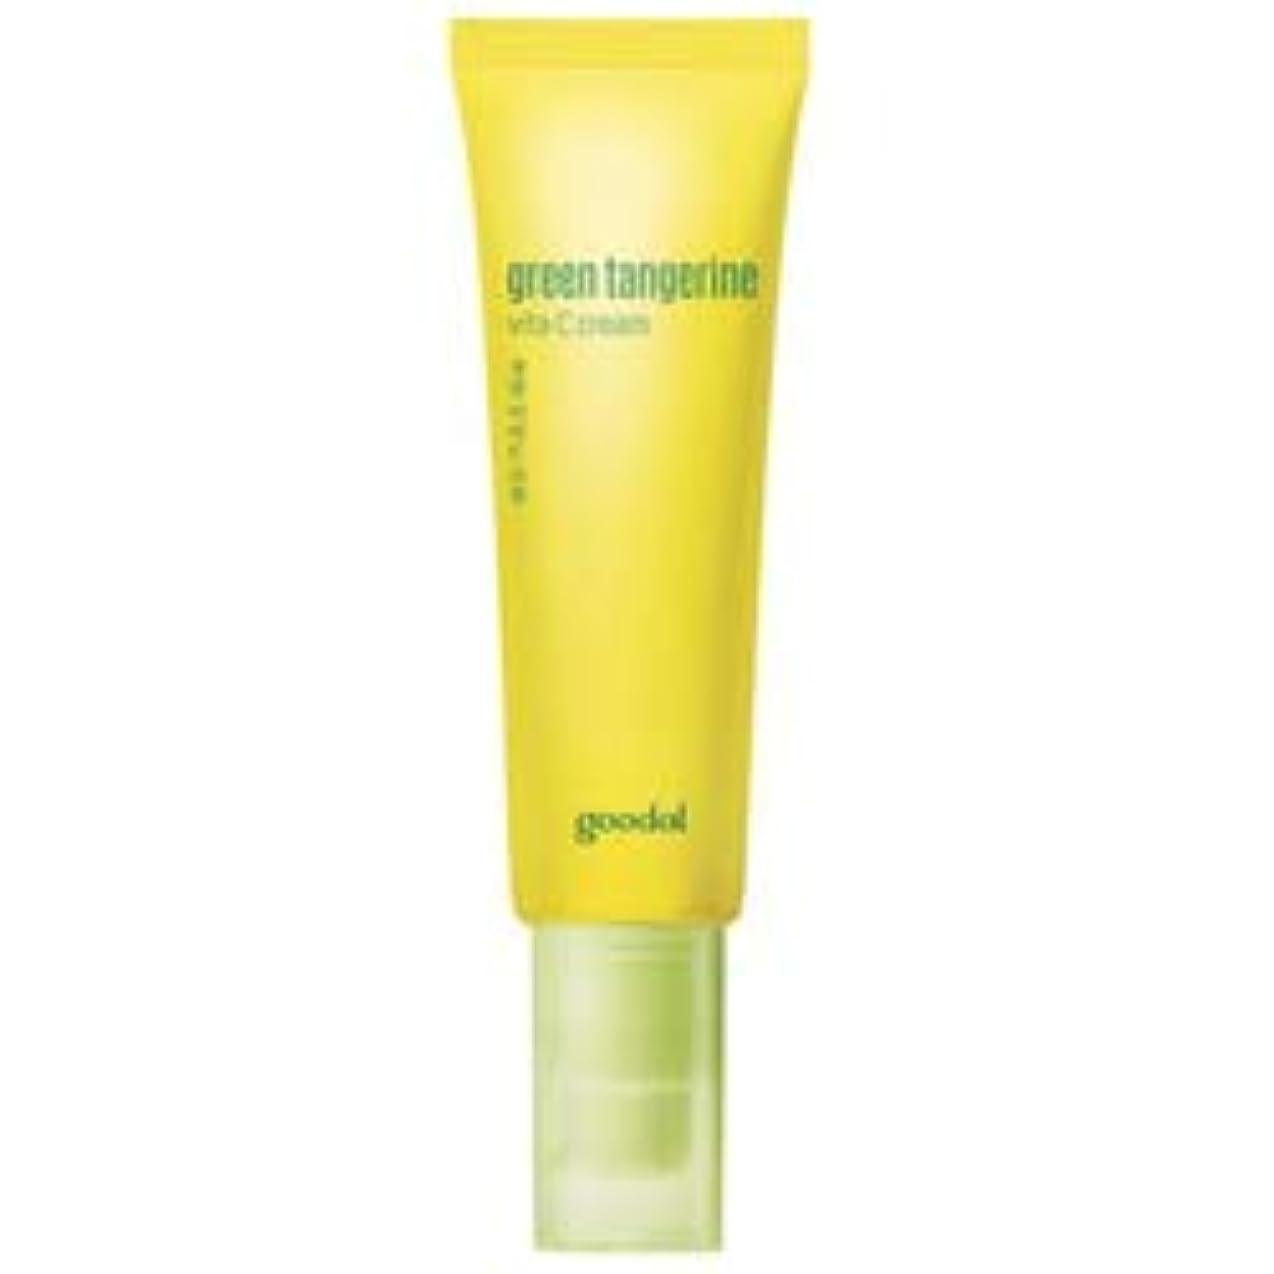 プラットフォームリム羊[goodal] Green Tangerine Vita C cream 50ml / [グーダル]タンジェリン ビタC クリーム 50ml [並行輸入品]